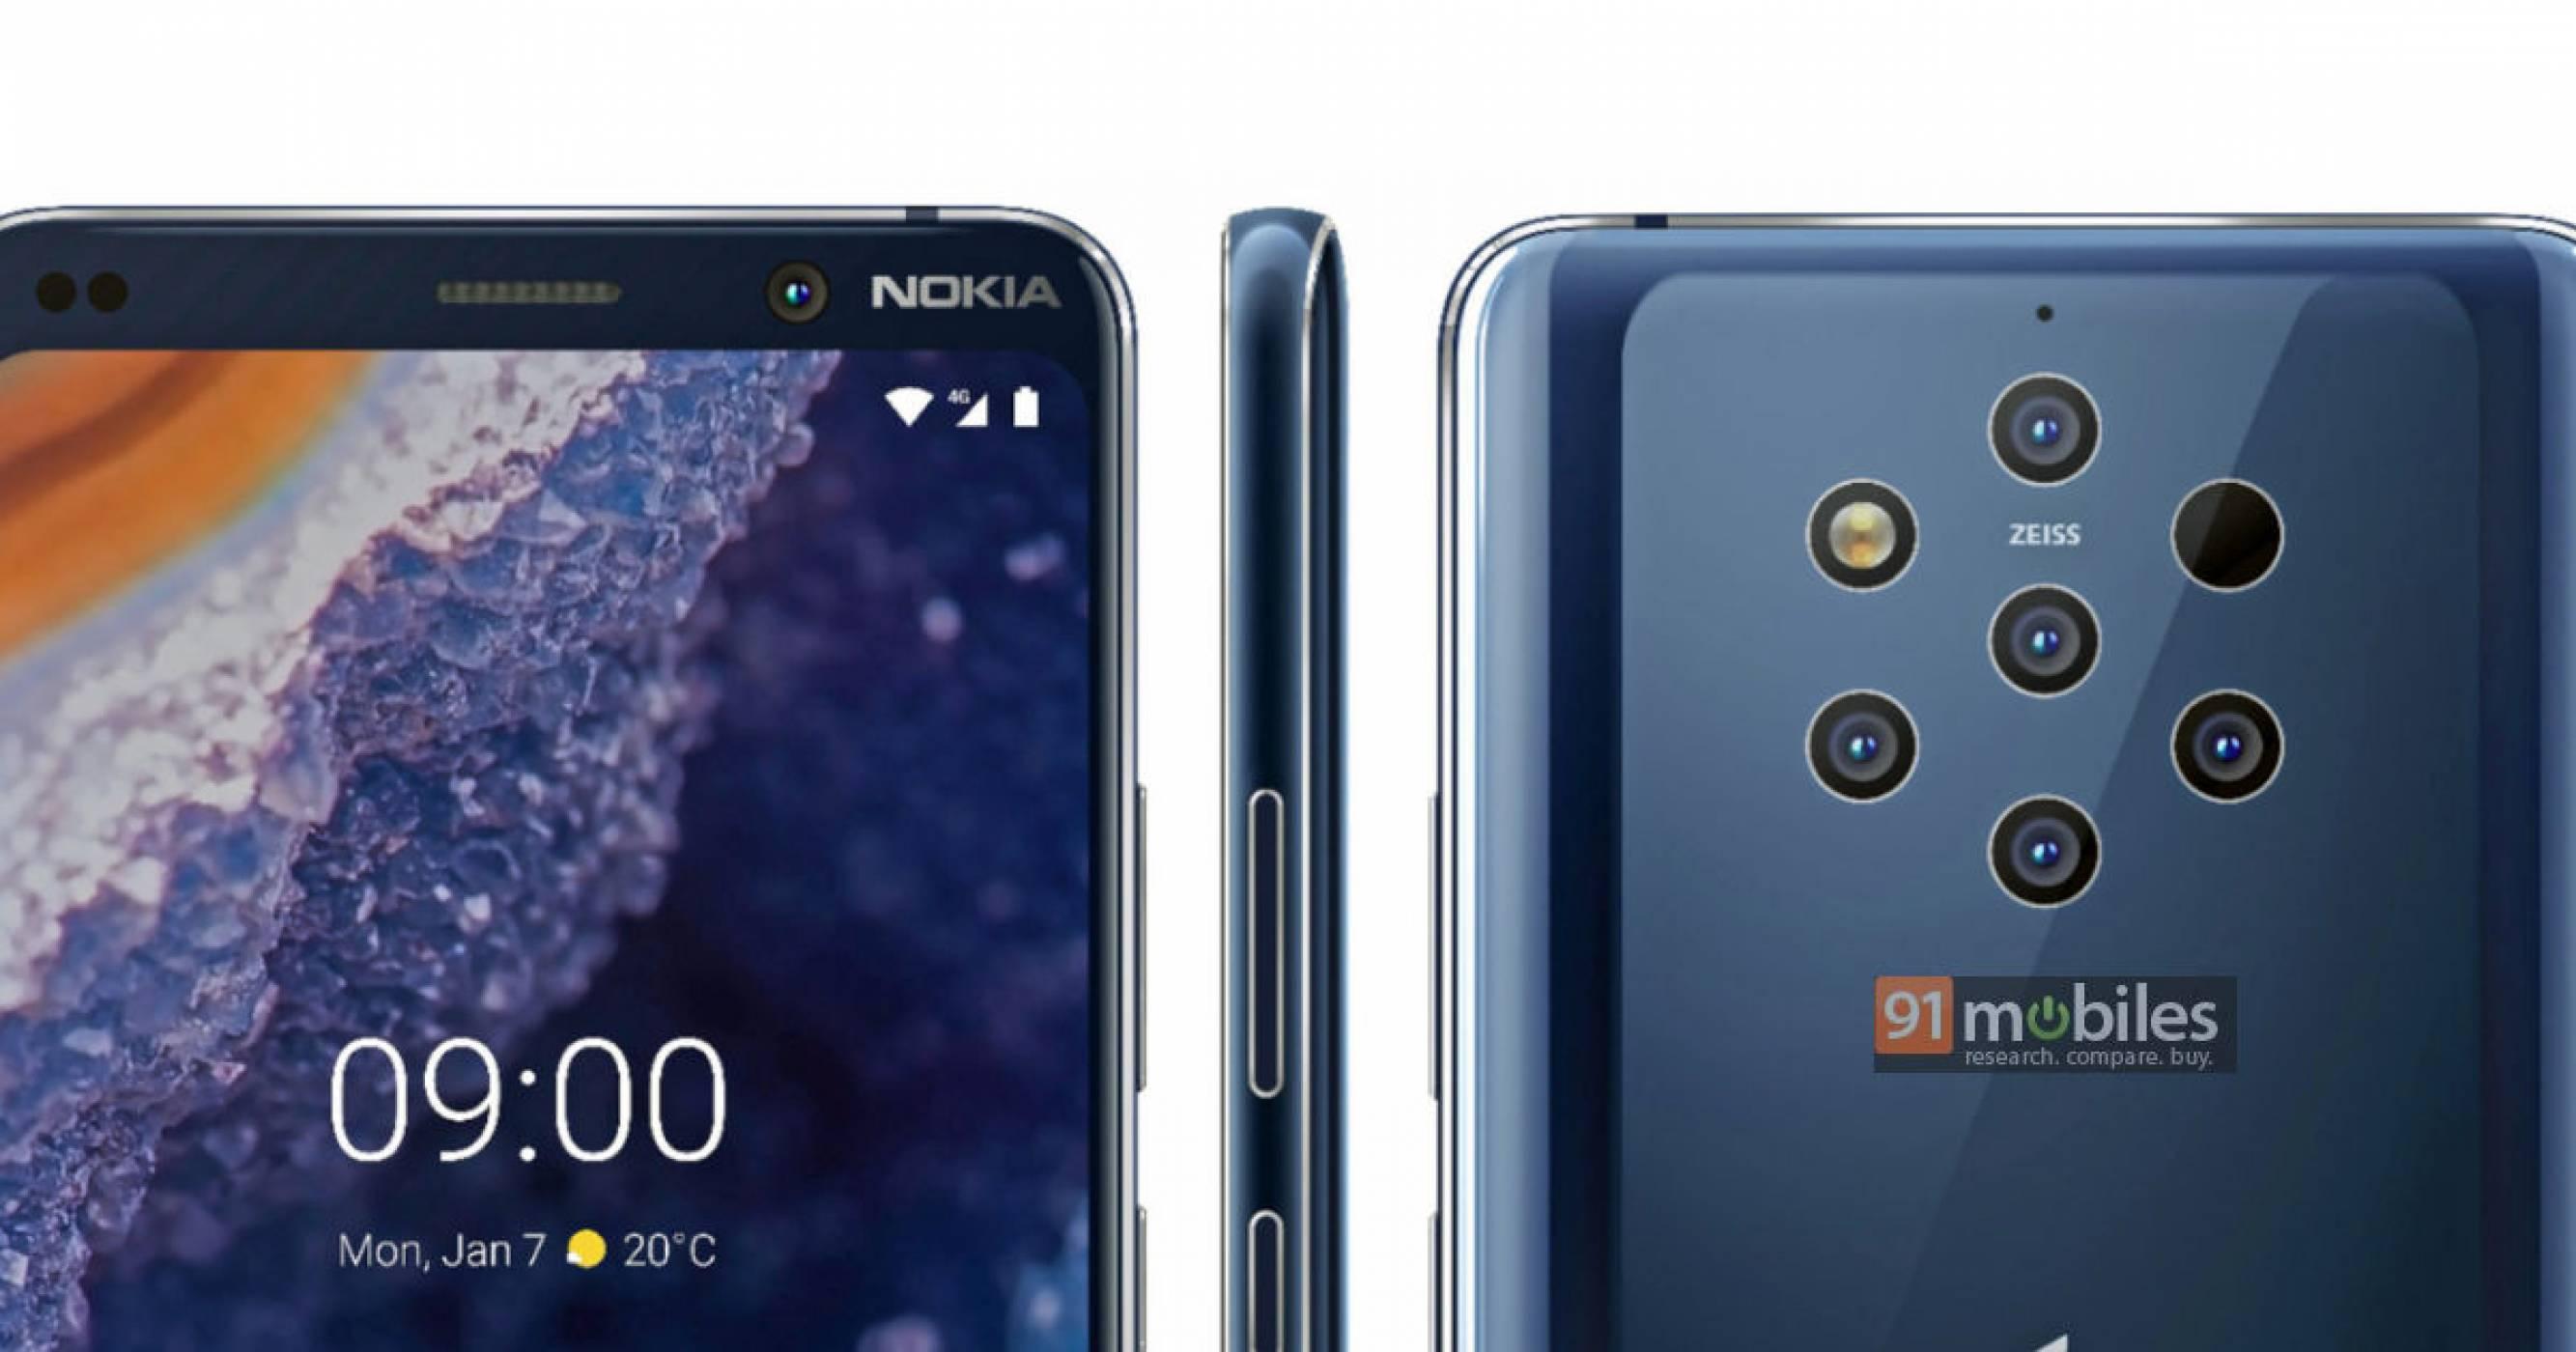 Течове на Nokia 9 PureView ни подготвят за болна камера! (СНИМКИ)